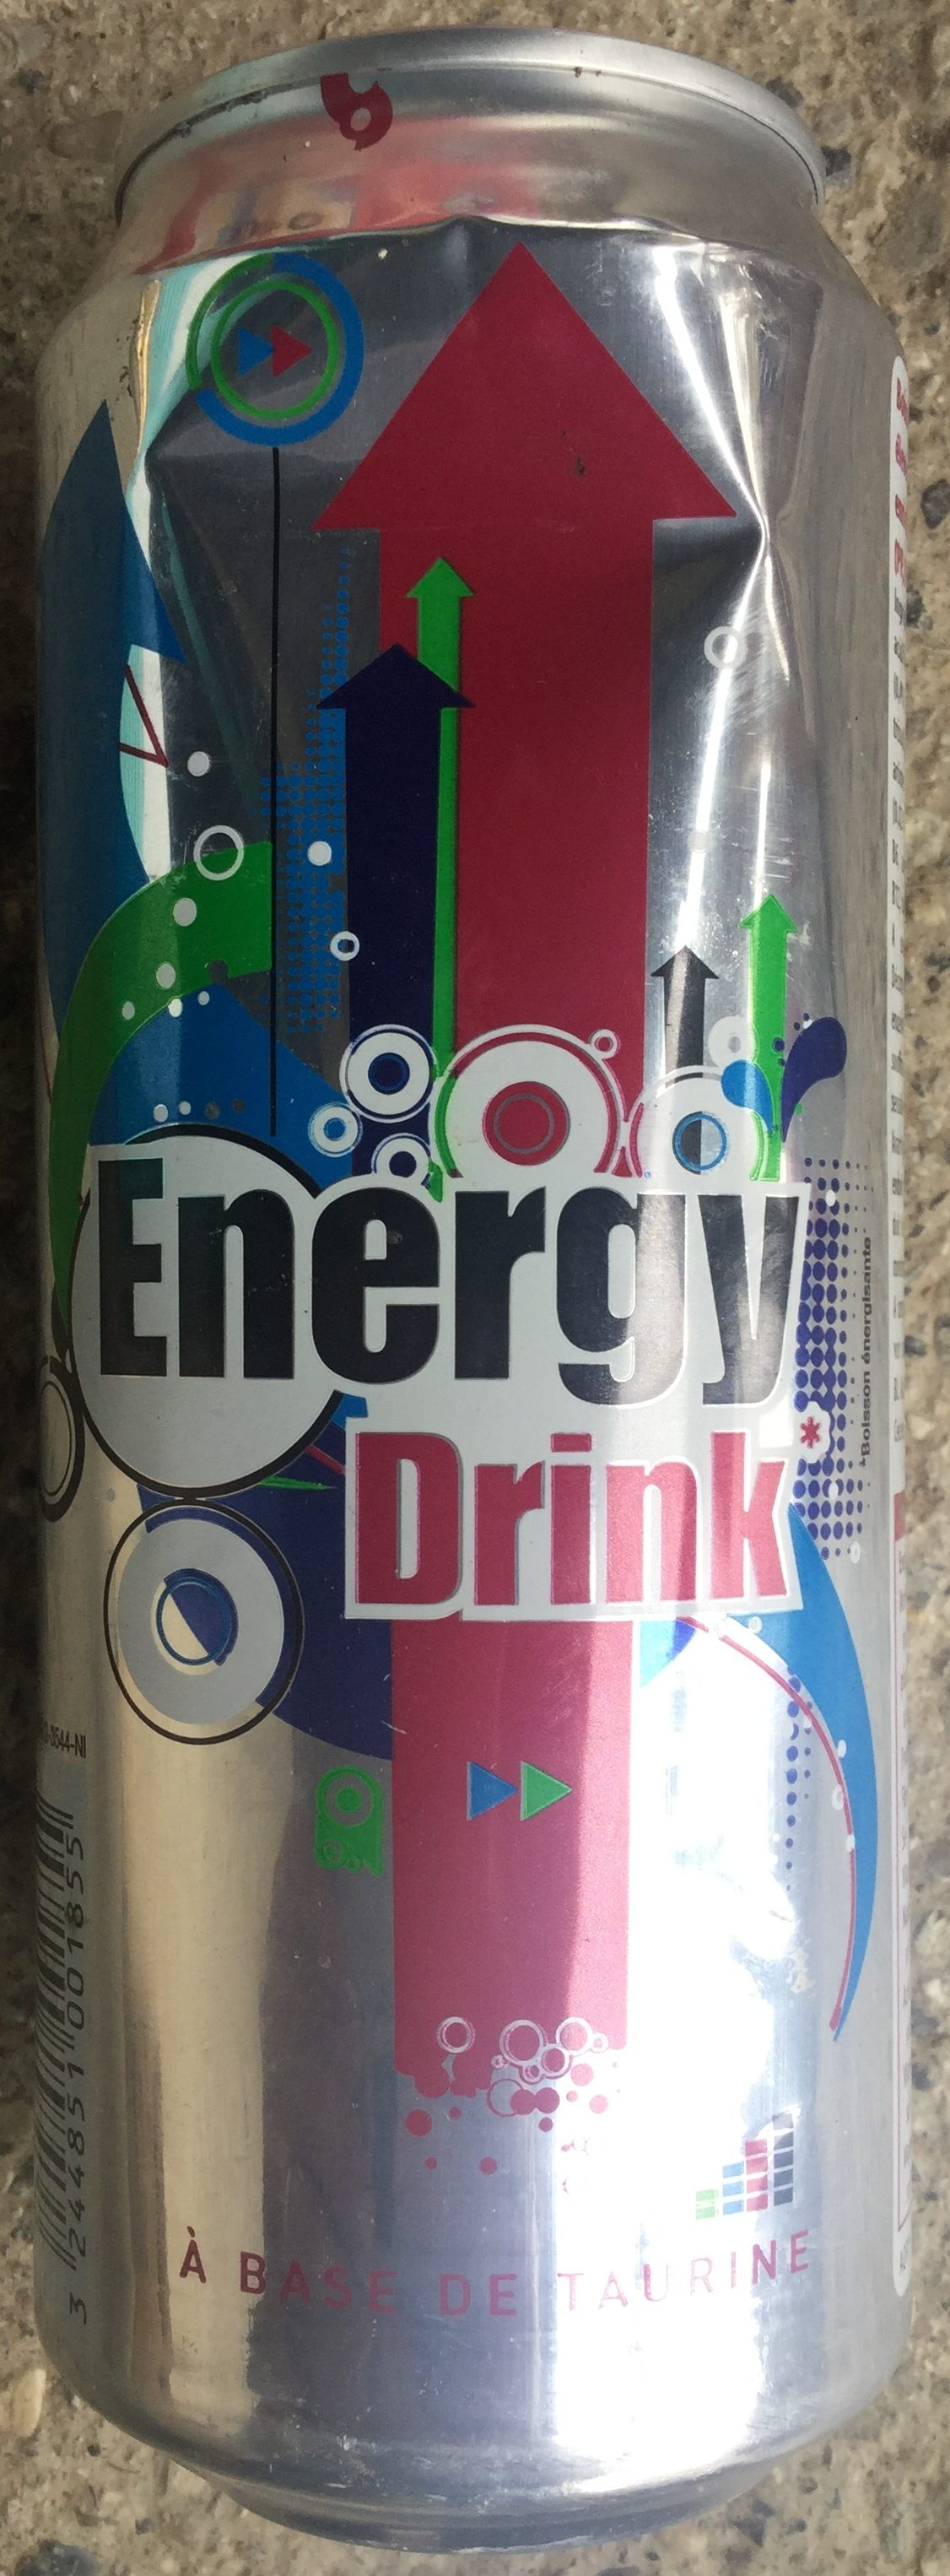 Energy drink à base de taurine - Produit - fr